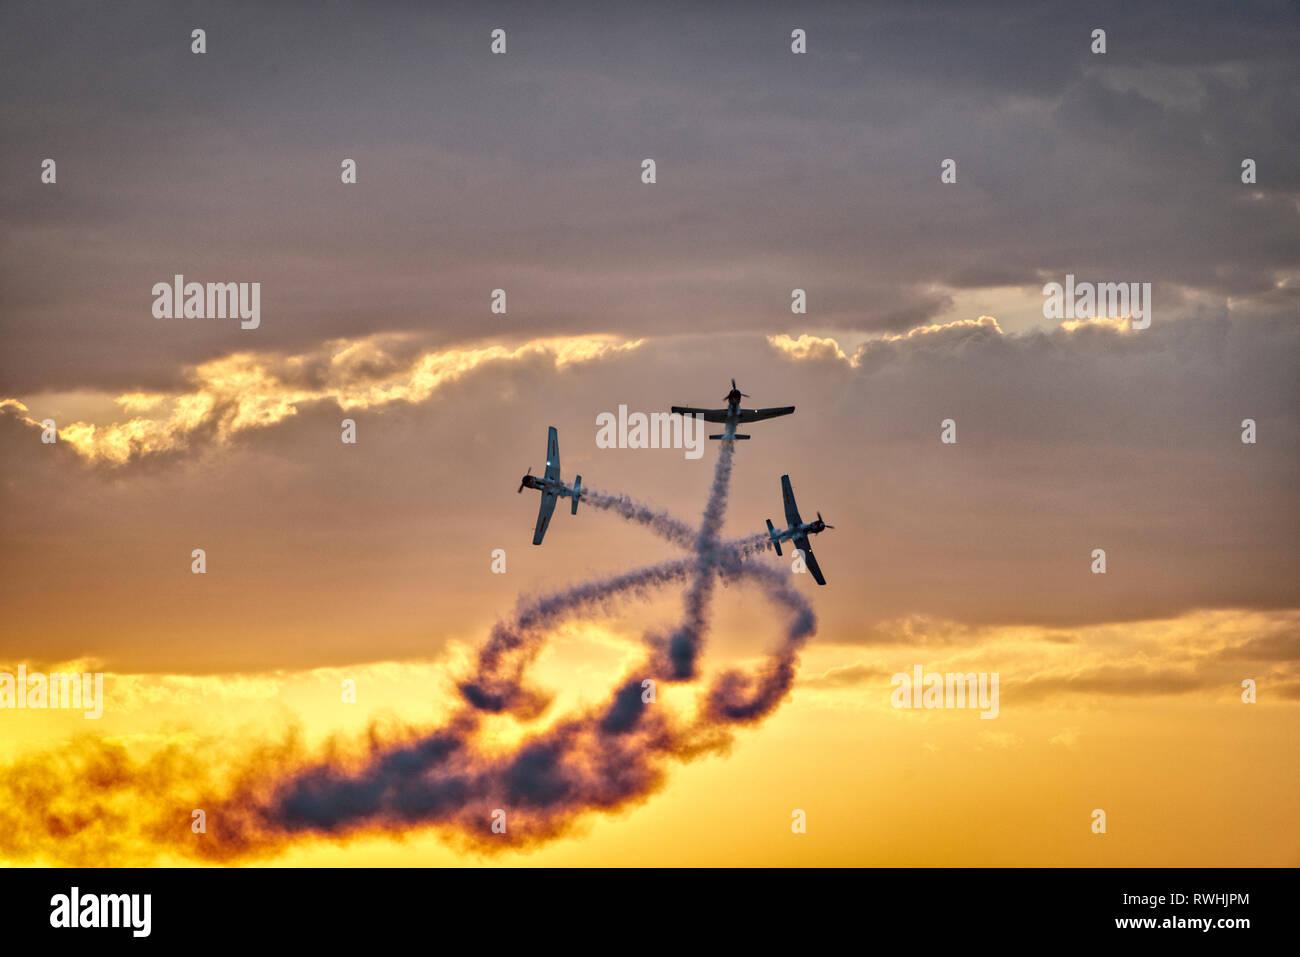 Tre aerei acrobatici attraversando nel cielo contro le nuvole e un cielo arancione Immagini Stock